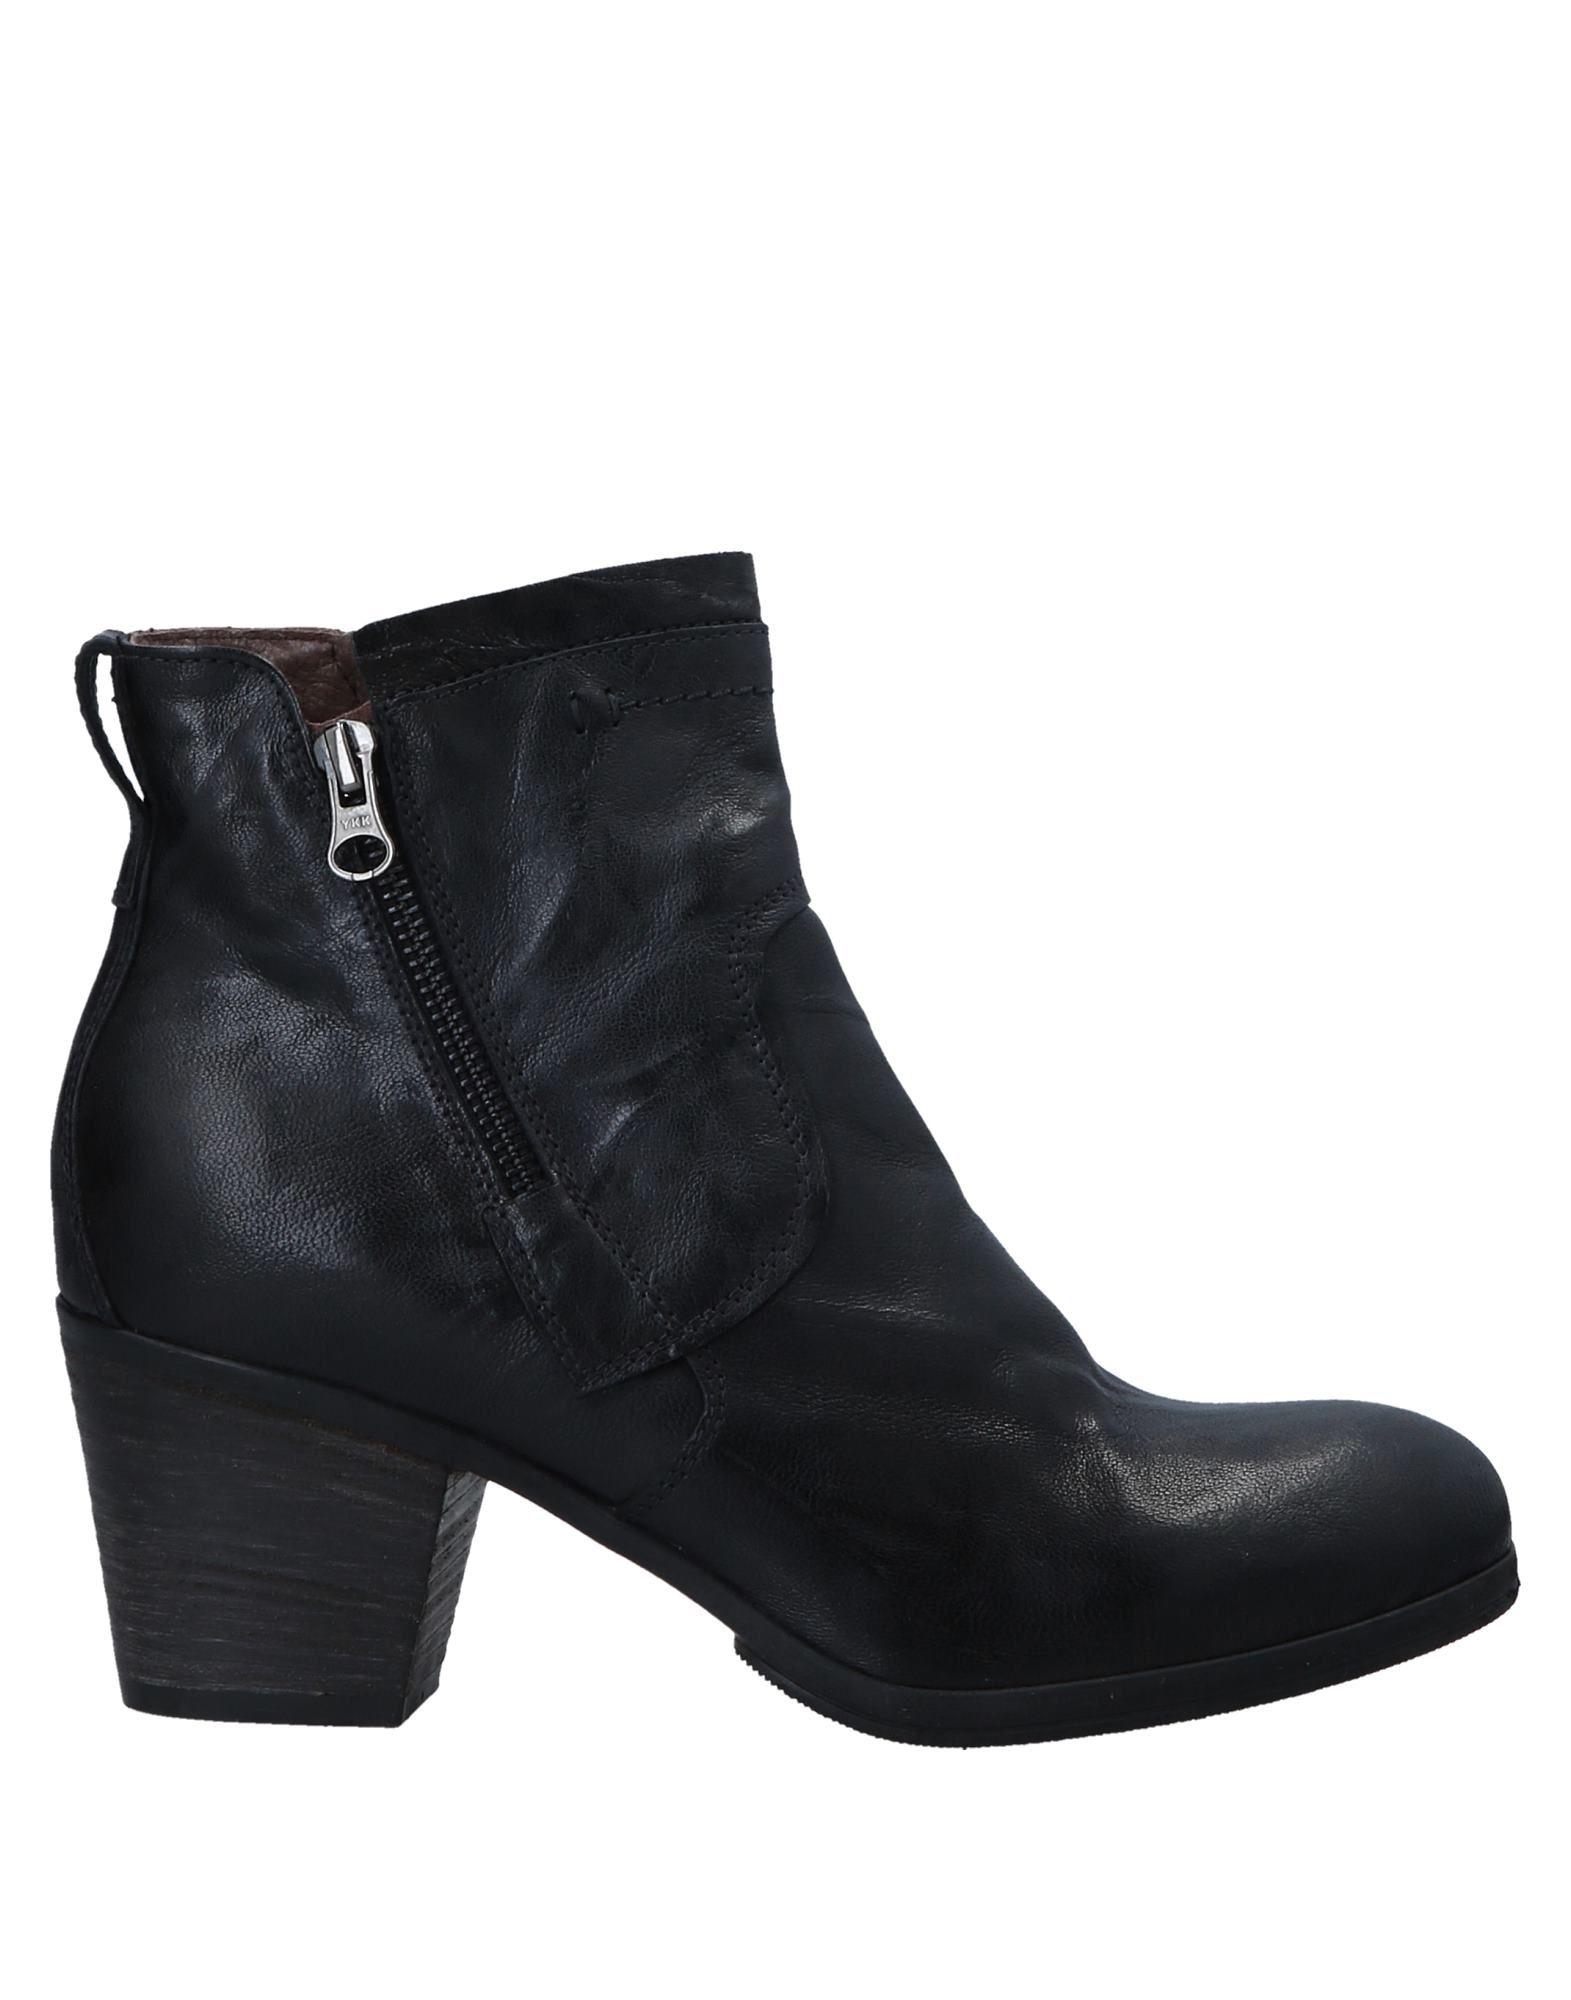 Nero Giardini Stiefelette Damen  11545786JR Gute Qualität beliebte Schuhe